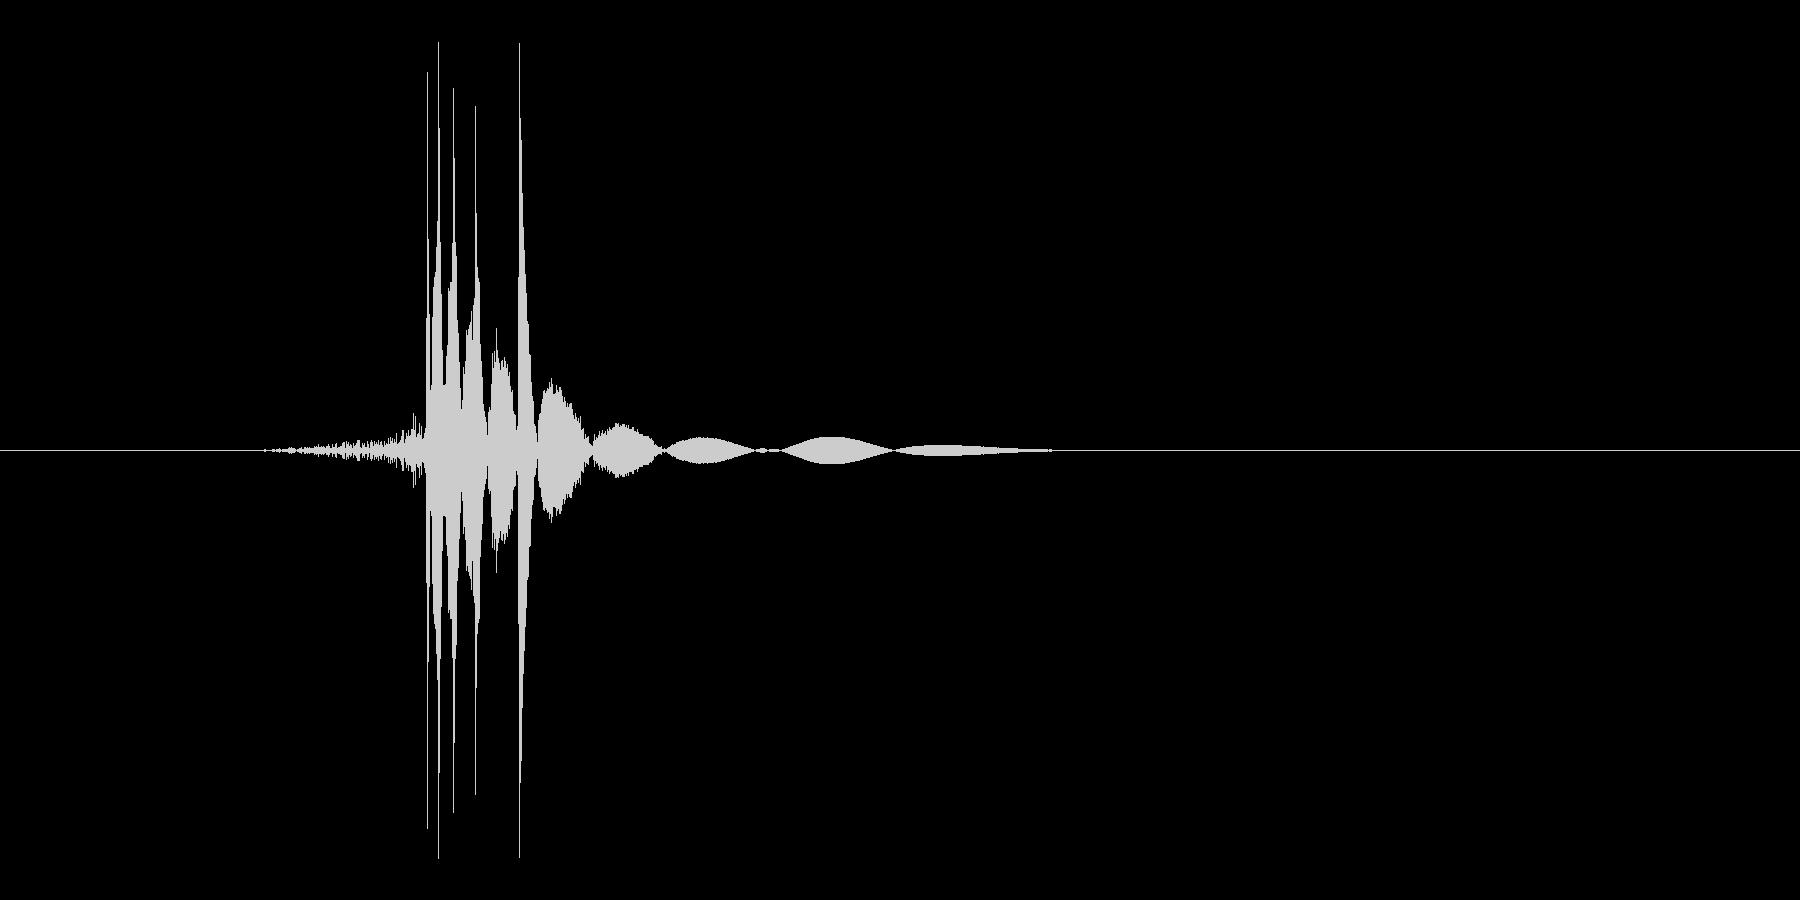 ゲーム(ファミコン風)ヒット音_002の未再生の波形